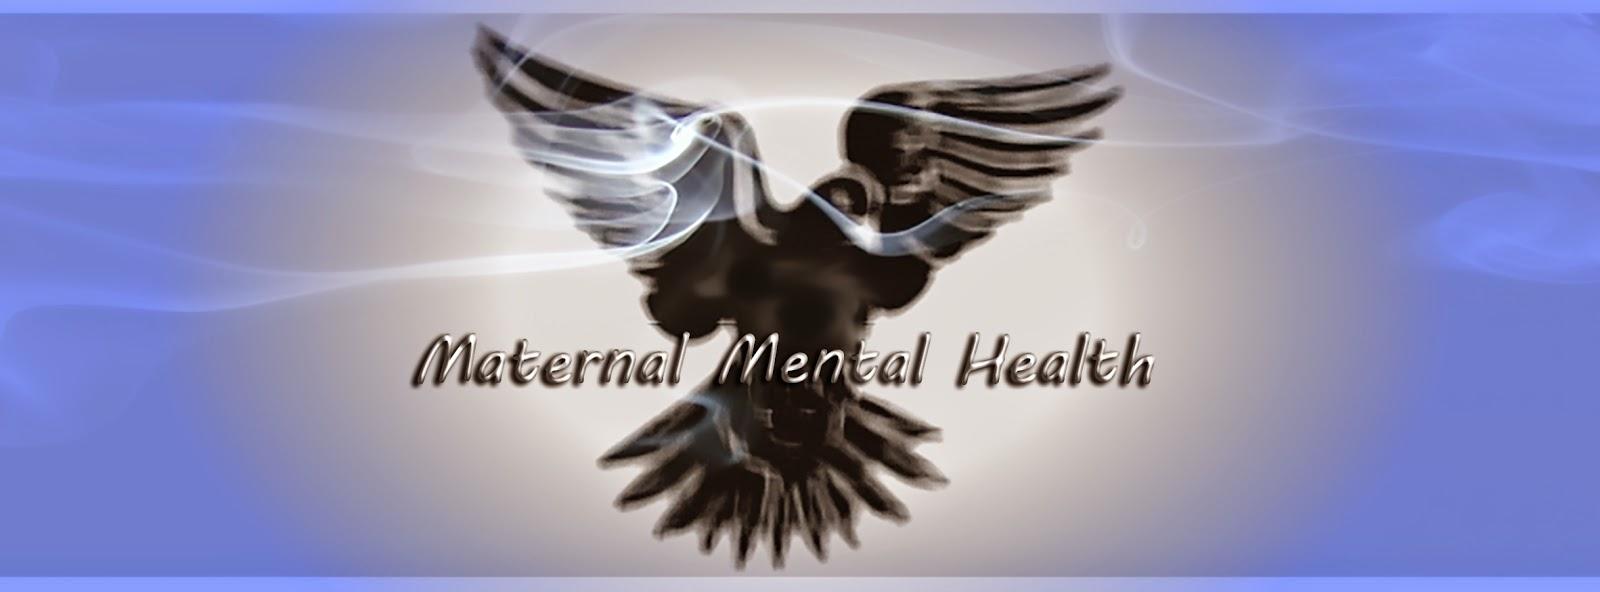 Postpartum Psychosis, Natachia Barlow Ramsey, Maternal Mental Health